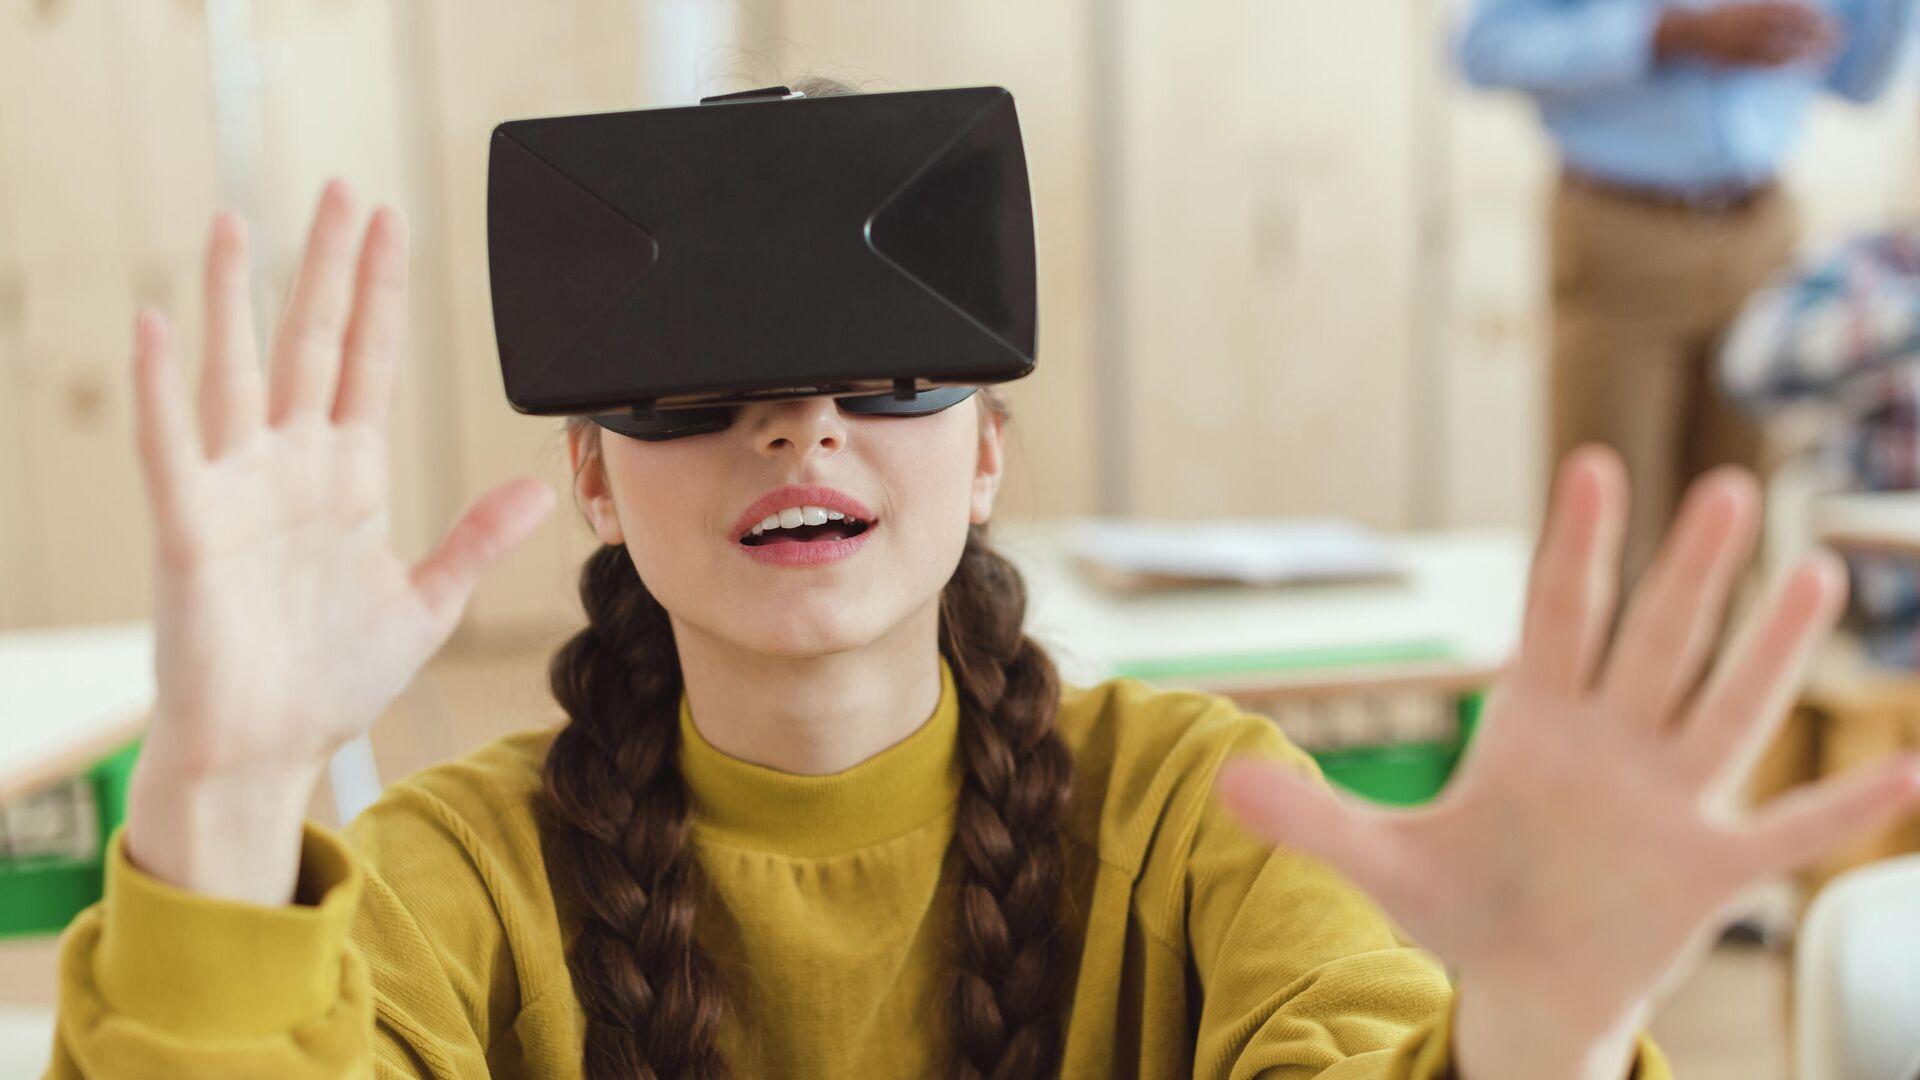 Школьница в очках виртуальной реальности  - РИА Новости, 1920, 20.10.2020